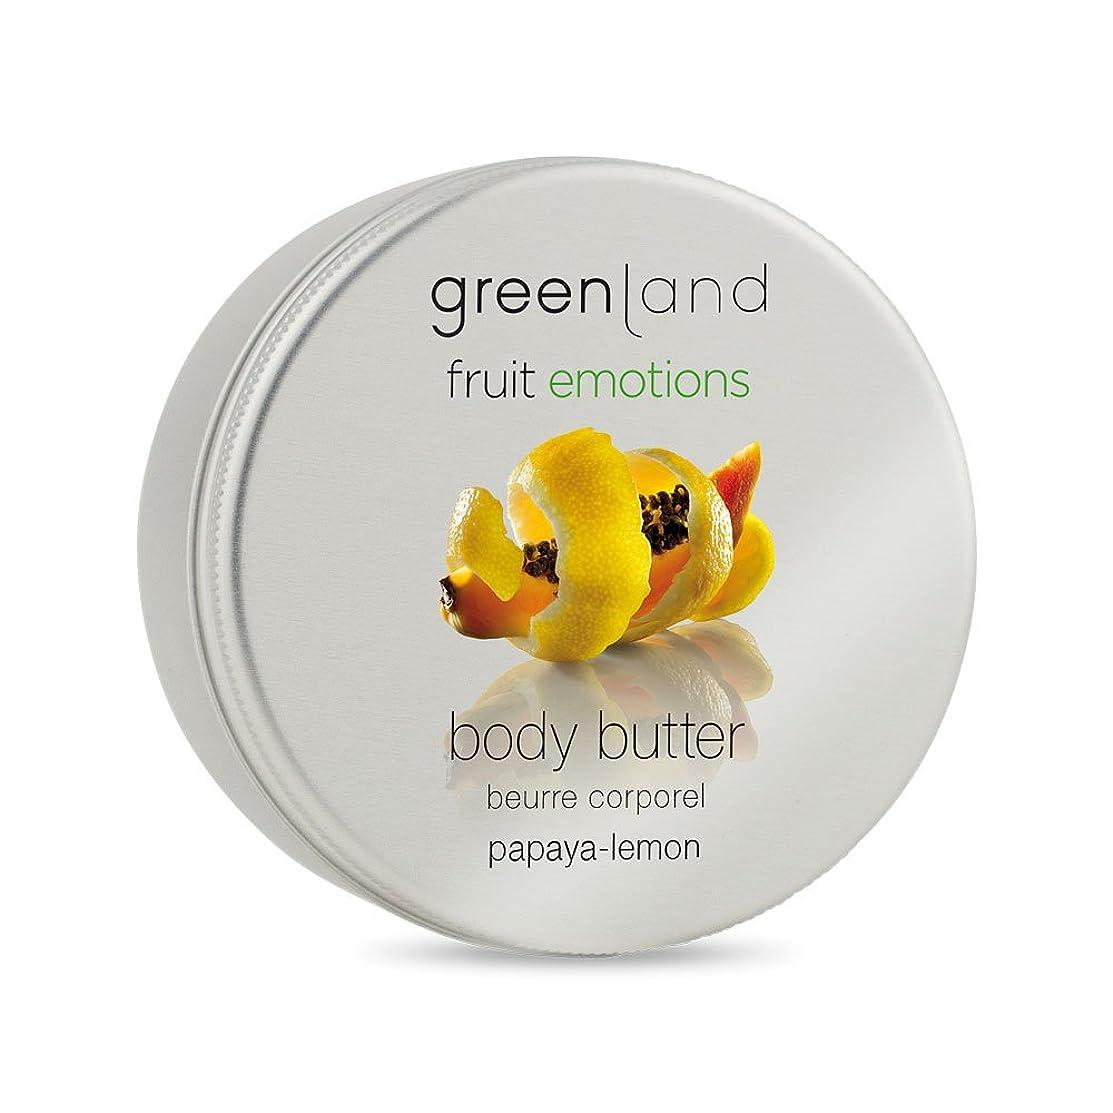 のスコア分離達成するgreenland [FruitEmotions] ボディバター 120ml パパイア&レモン FE0431